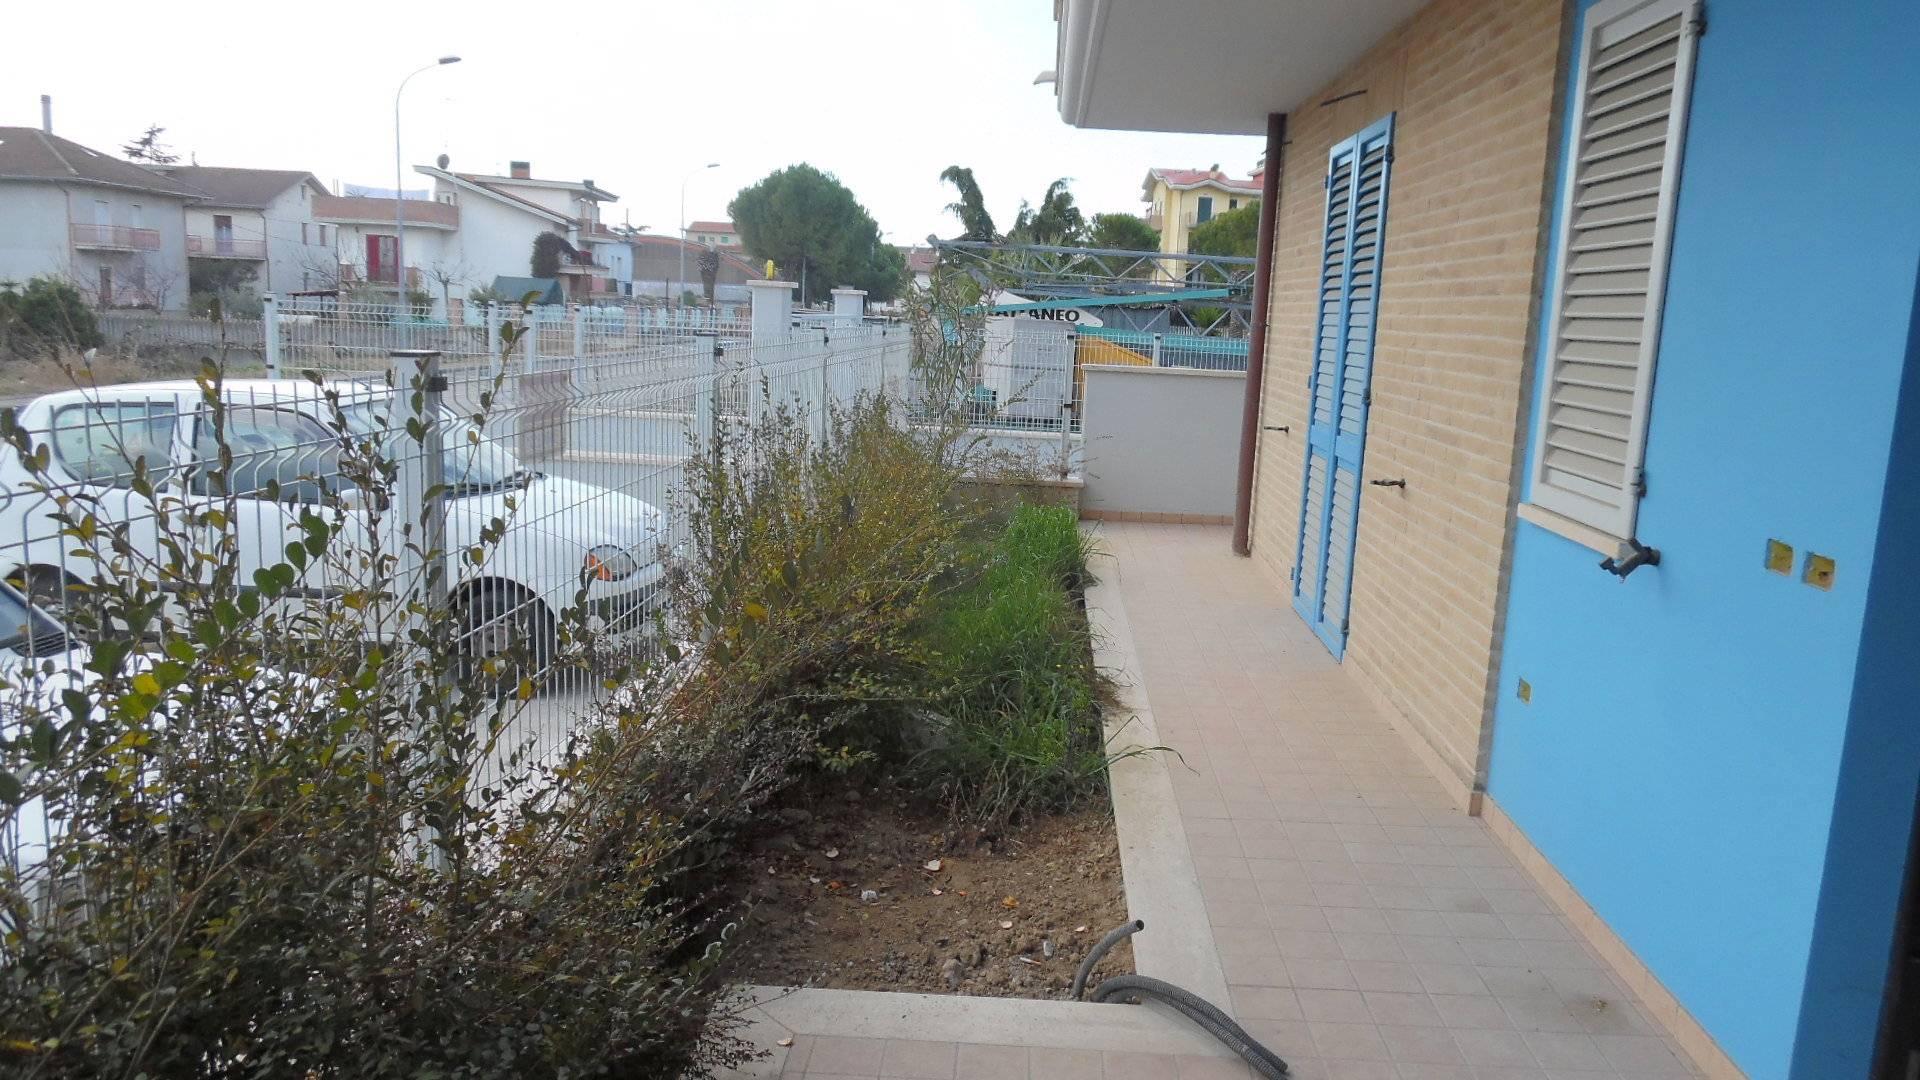 Appartamento in vendita a Monteprandone, 4 locali, zona Zona: Centobuchi, prezzo € 200.000   CambioCasa.it